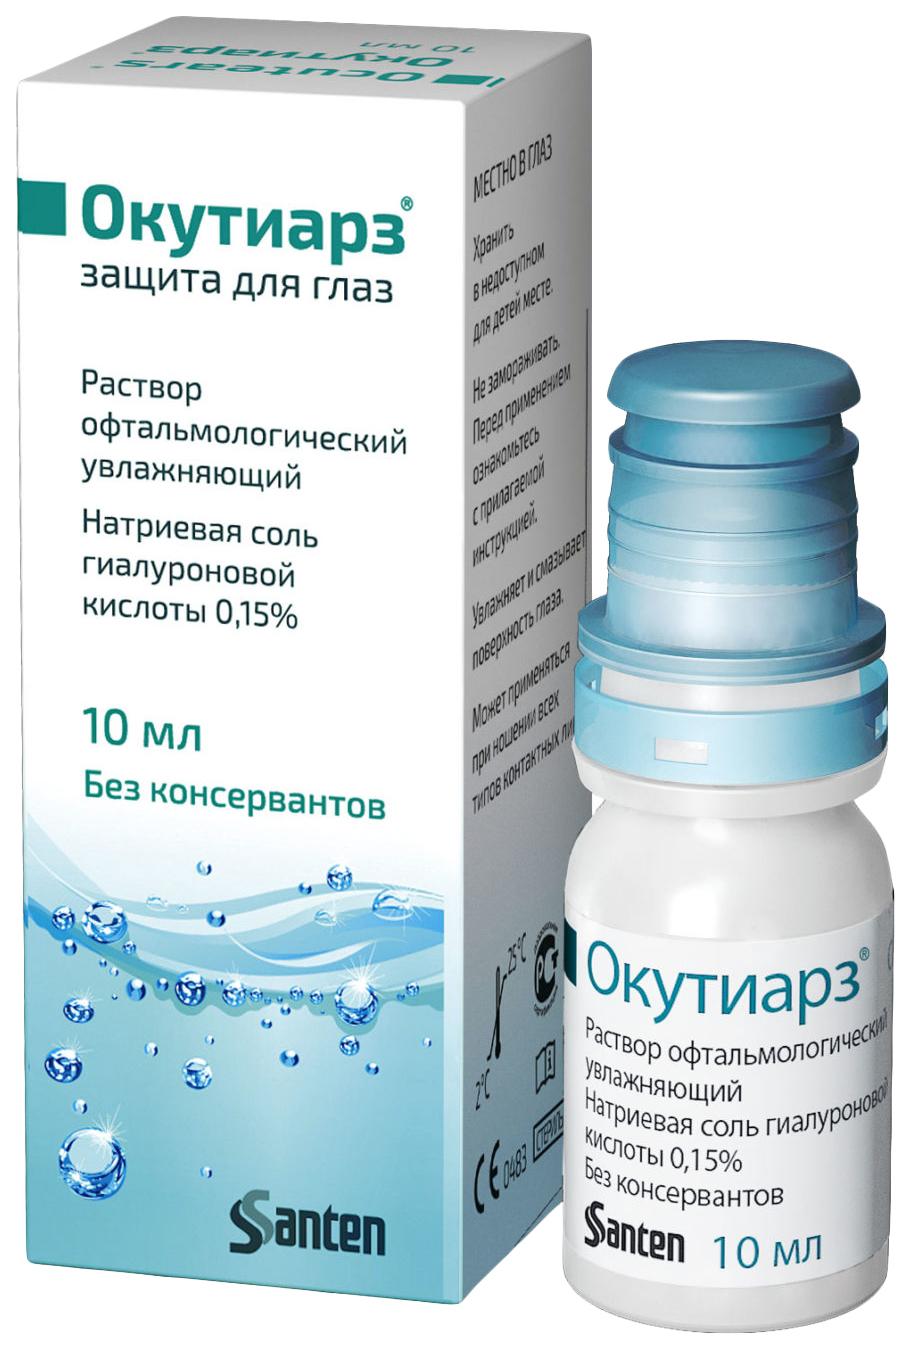 Окутиарз раствор увлаж. офтальмол.0,15% флакон 10 мл